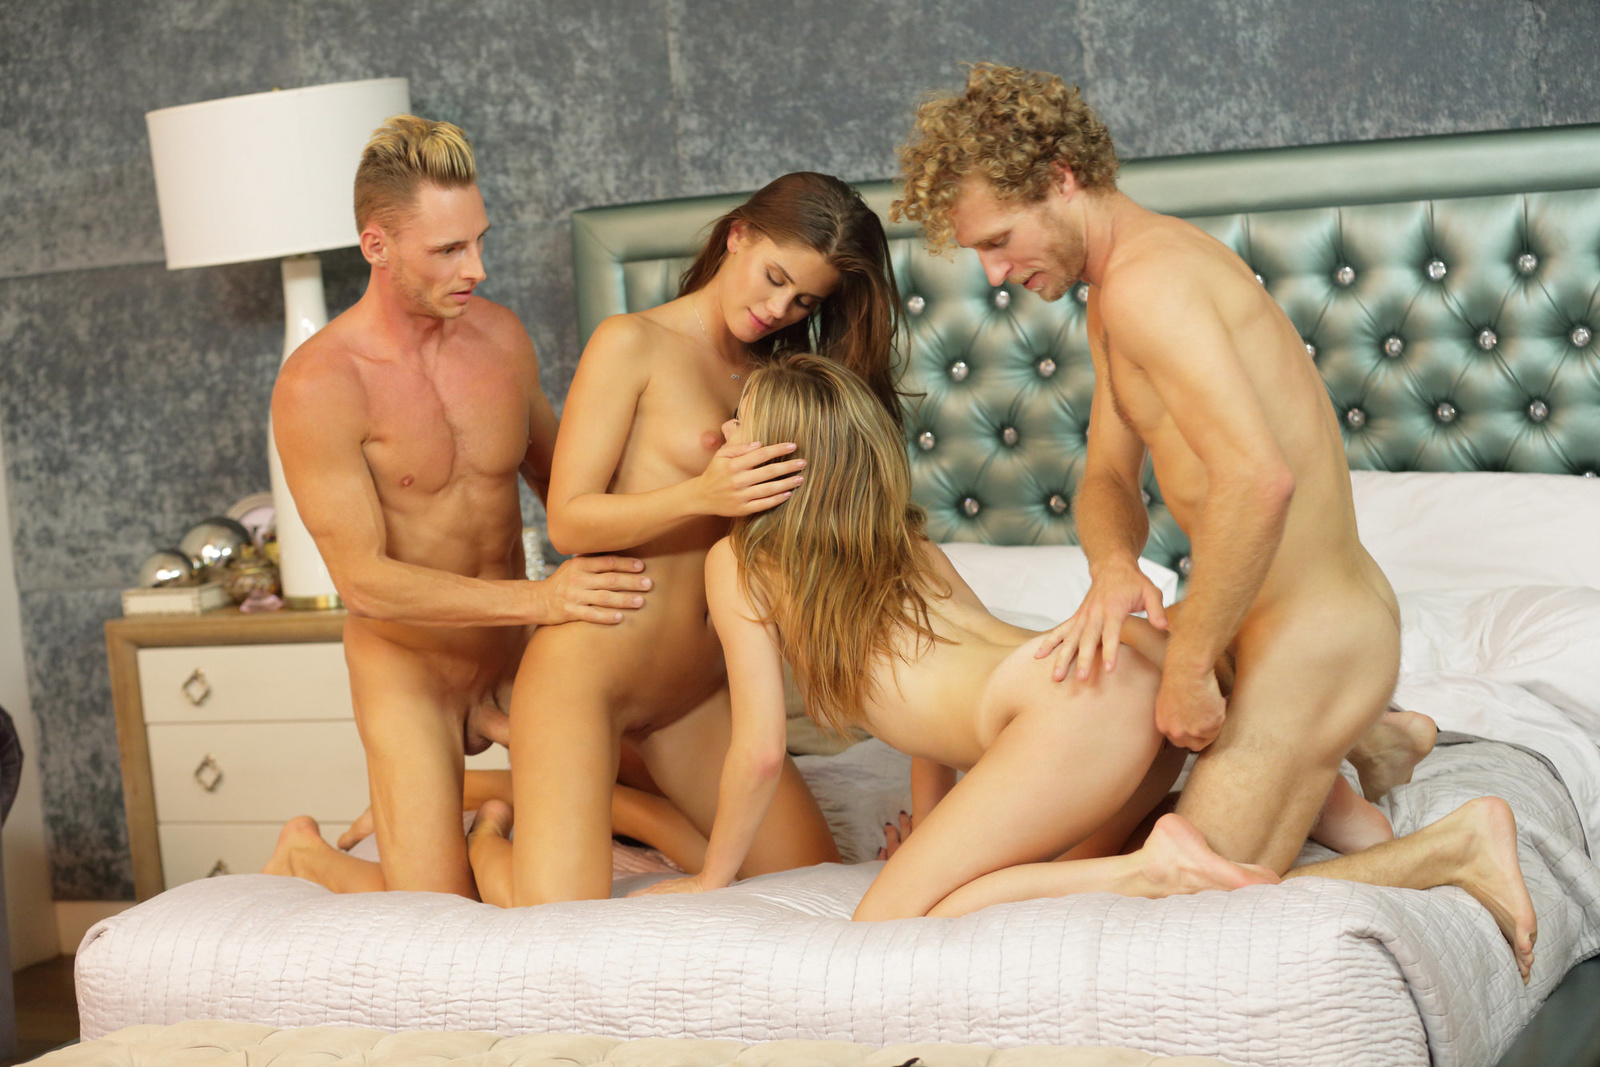 съемки смотреть порно в четвером три женщины и парень член